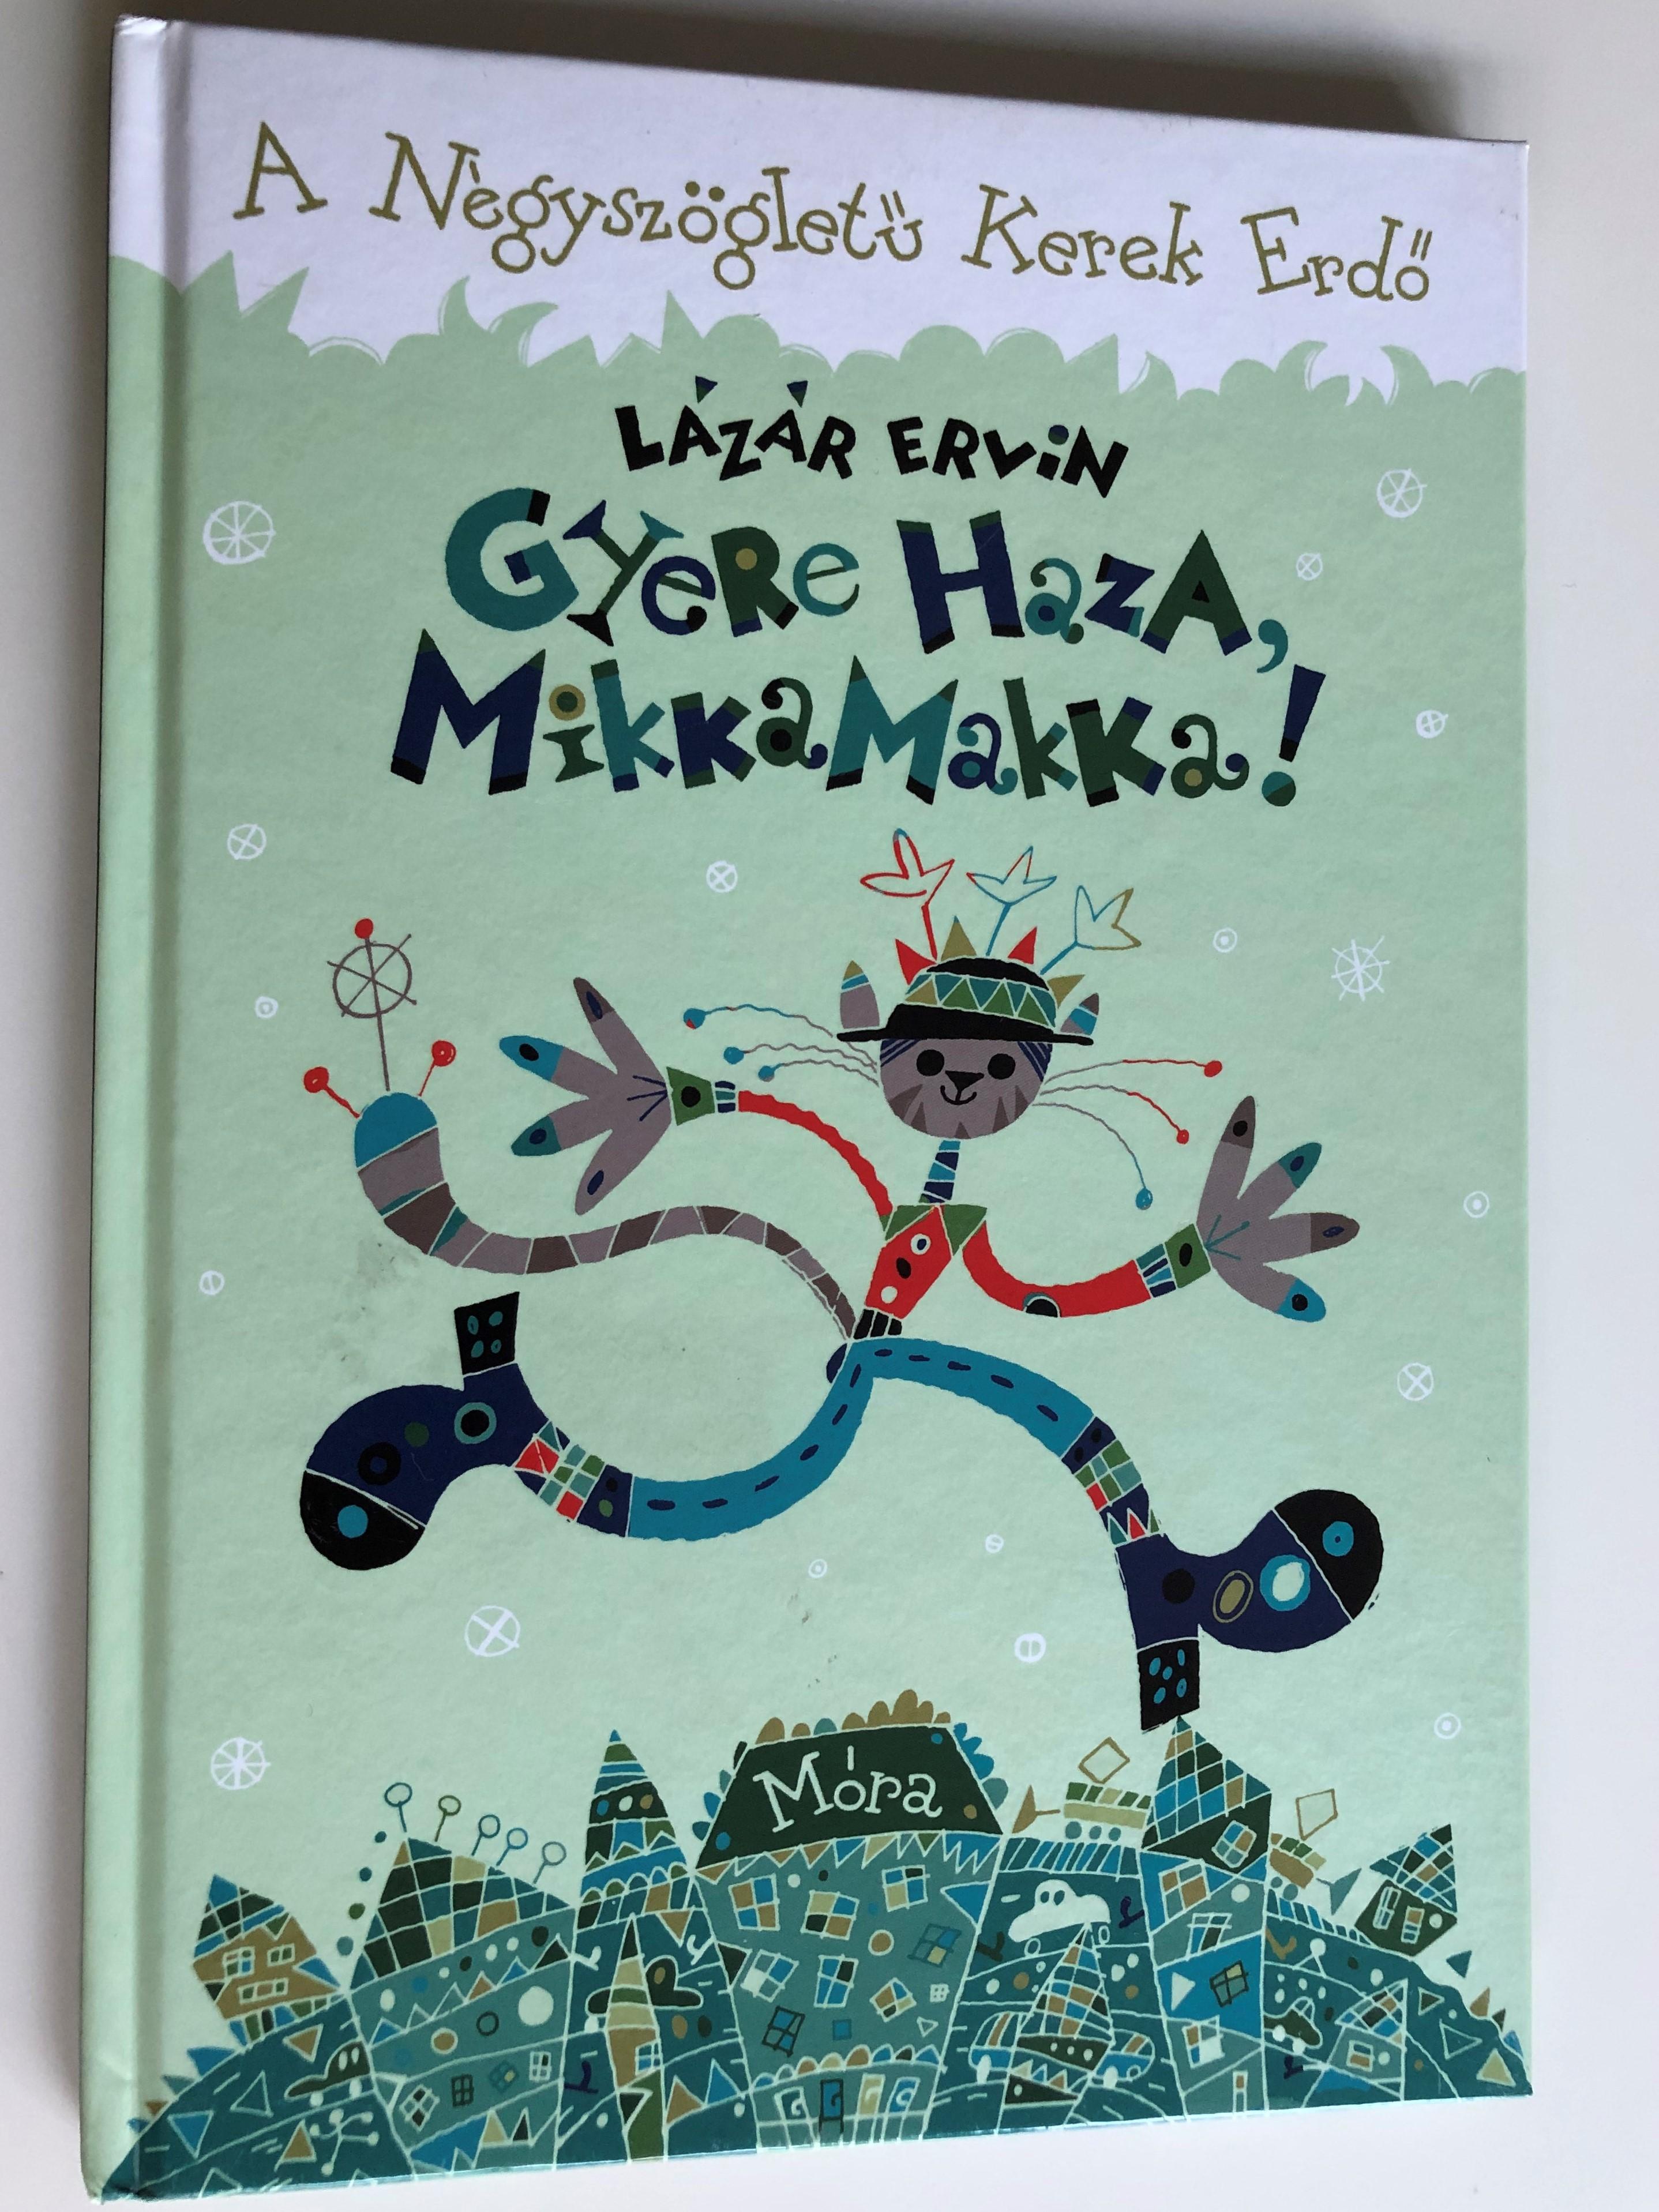 gyere-haza-mikkamakka-by-l-z-r-ervin-a-n-gysz-glet-kerek-erd-illustrated-by-buzay-istv-n-m-ra-k-nyvkiad-2013-1-.jpg